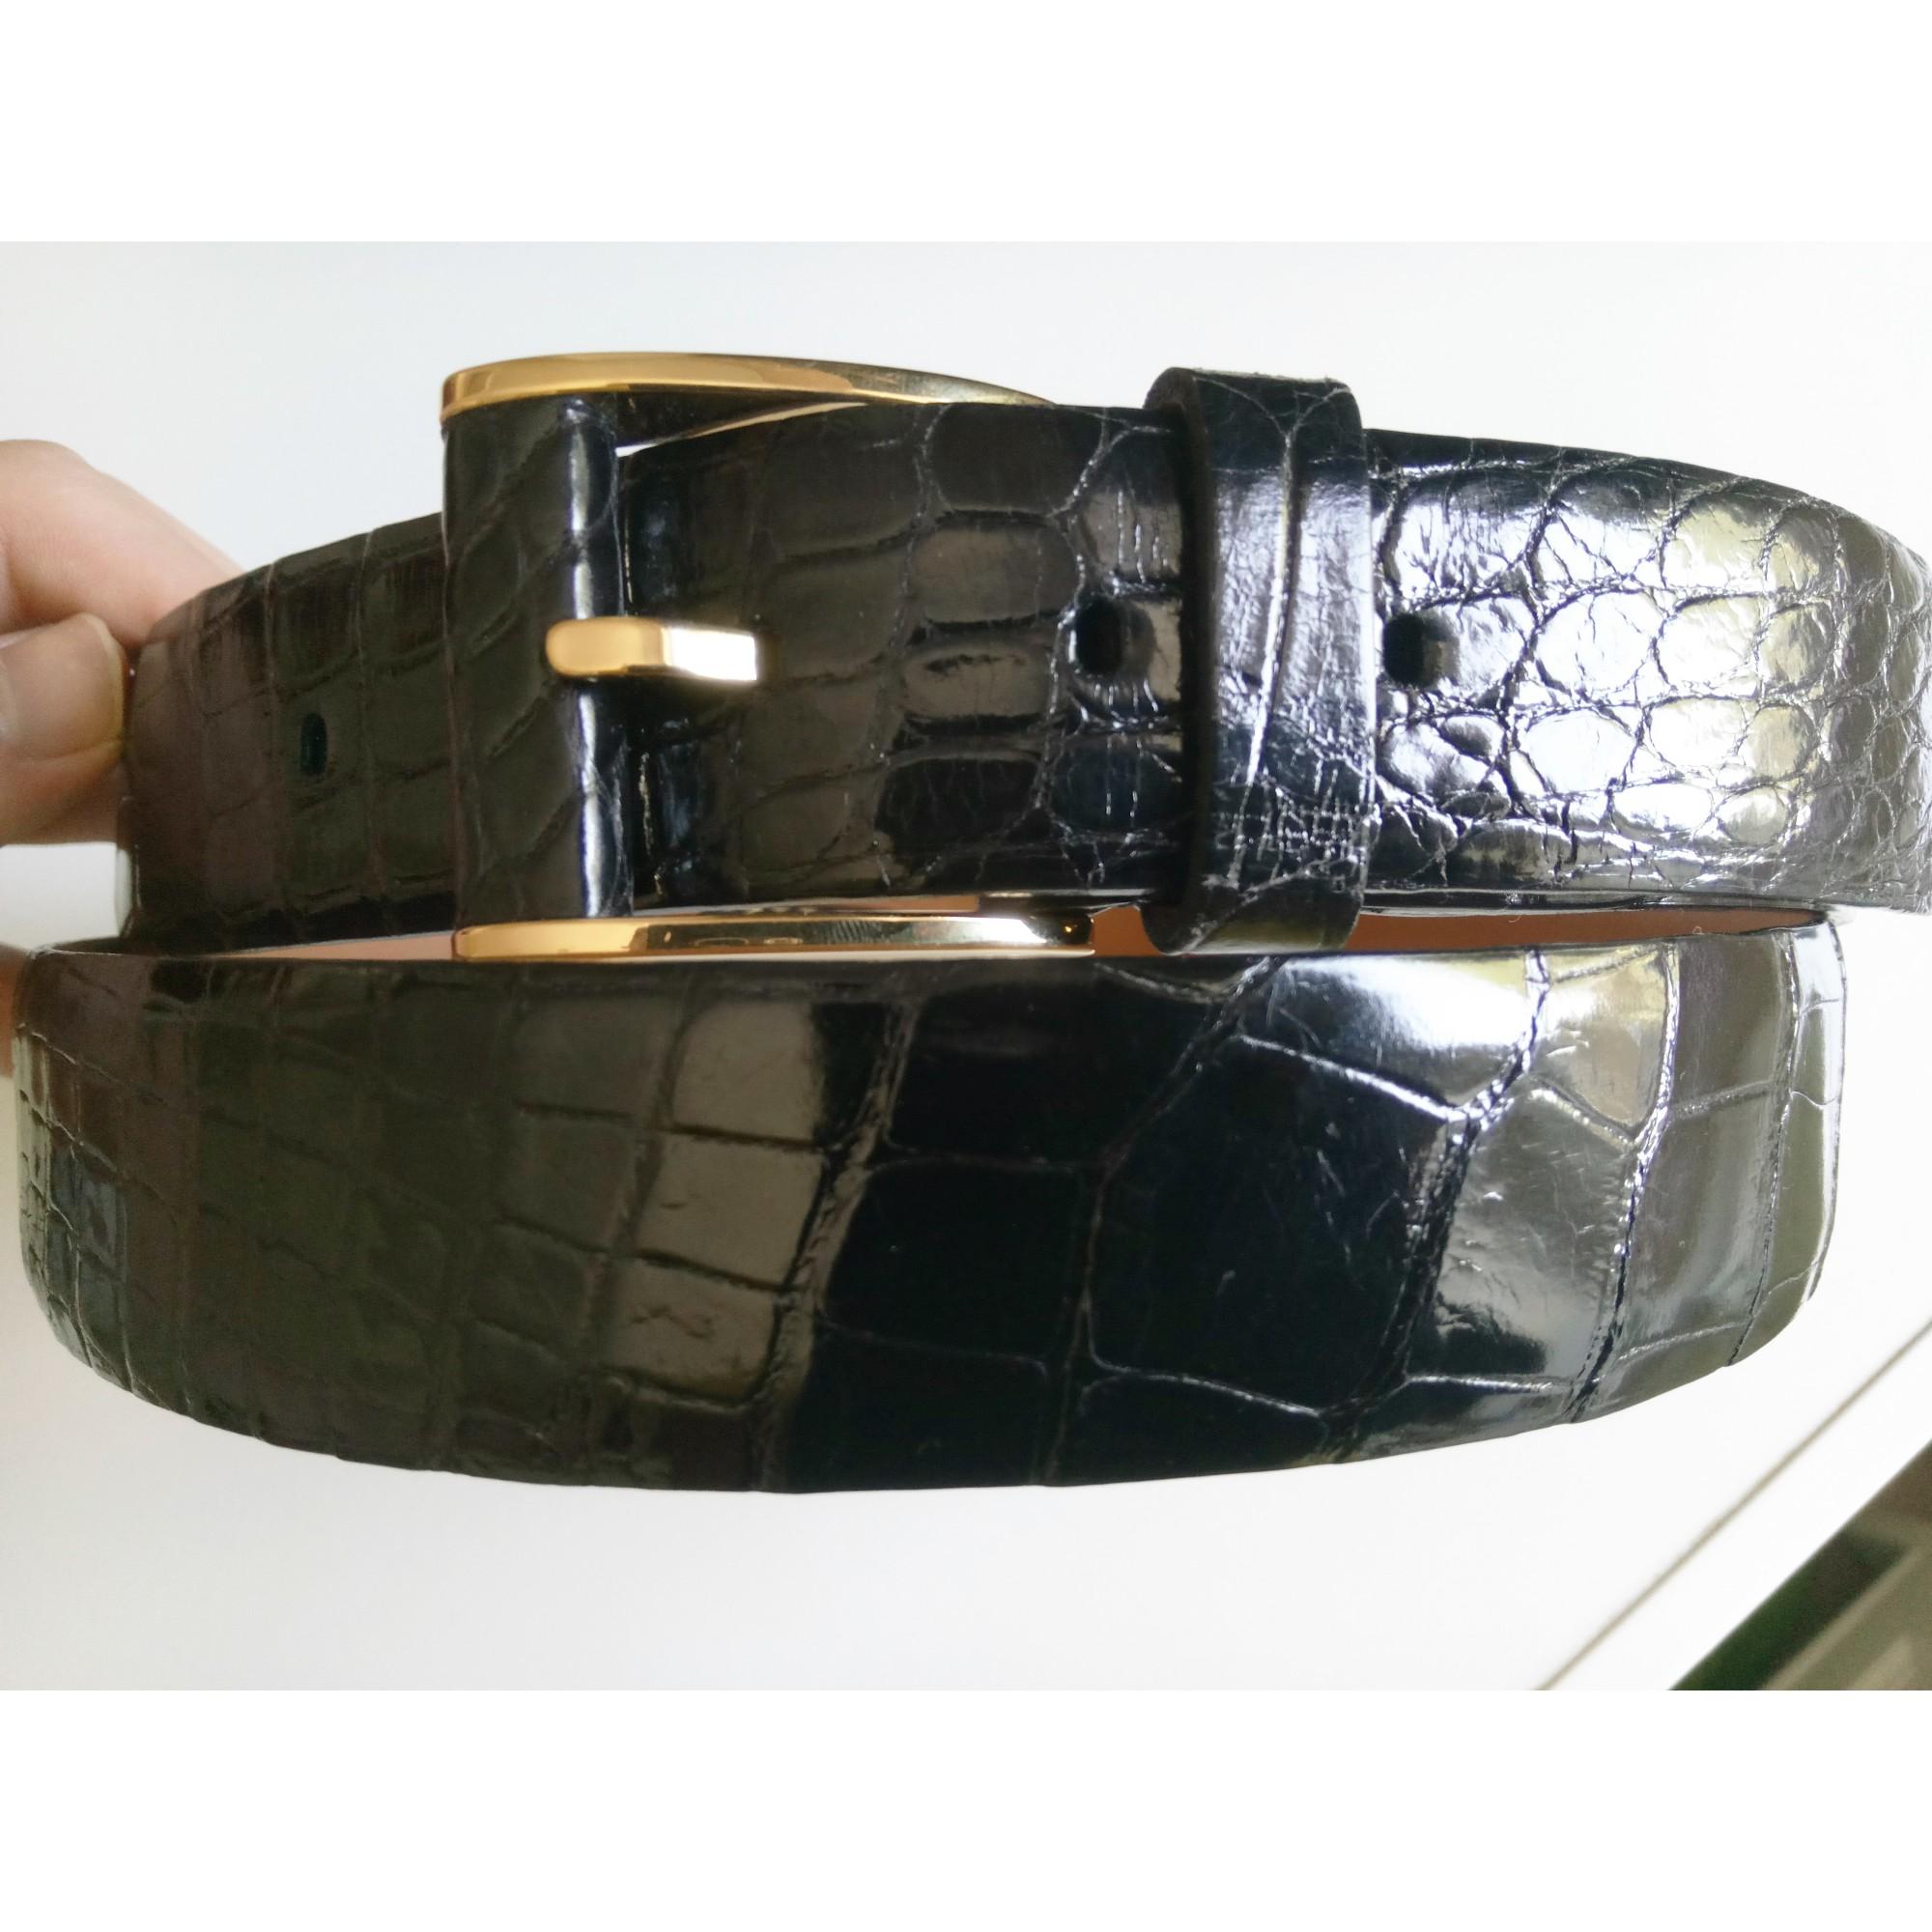 48e3c2d6c6e9 Ceinture ZILLI 115 noir vendu par Gaby007 - 6437473